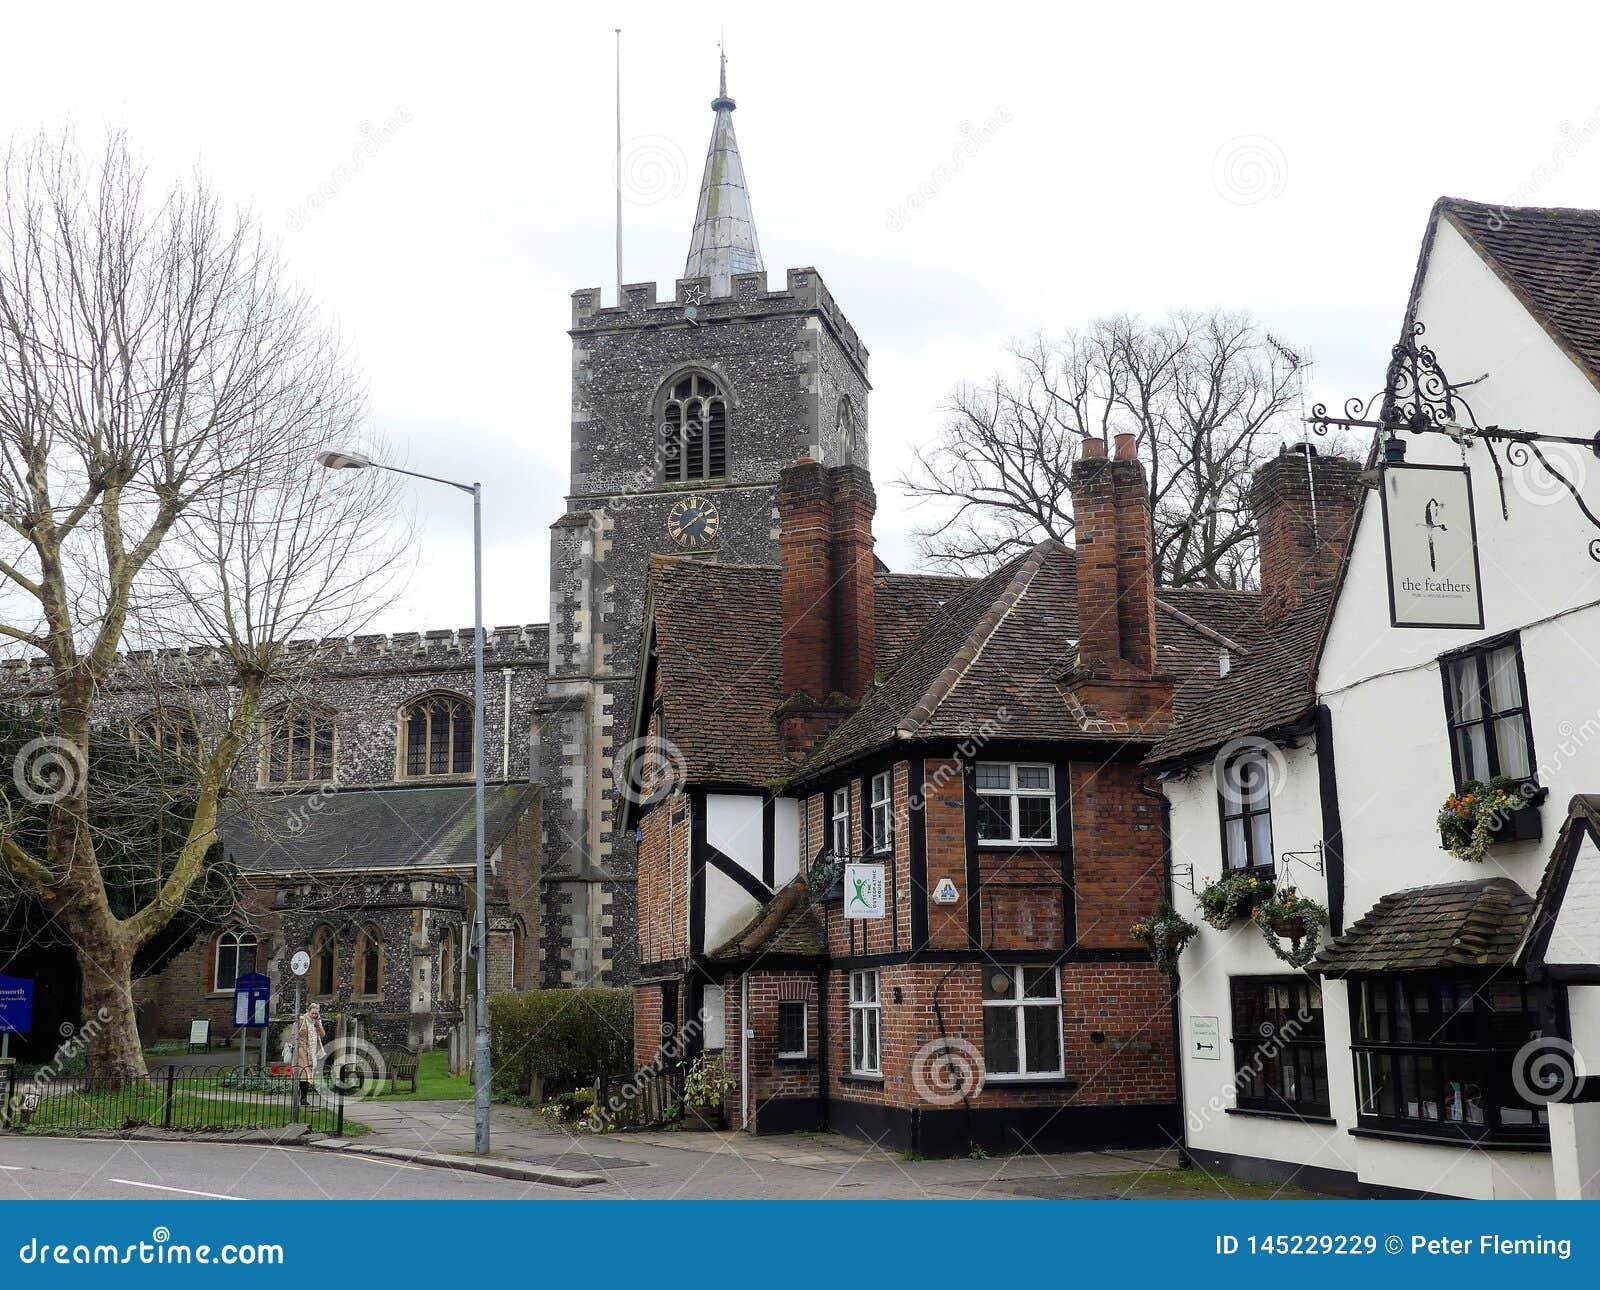 Calle de la iglesia, Rickmansworth incluyendo la iglesia de St Mary, la casa osteopática y el bar de las plumas